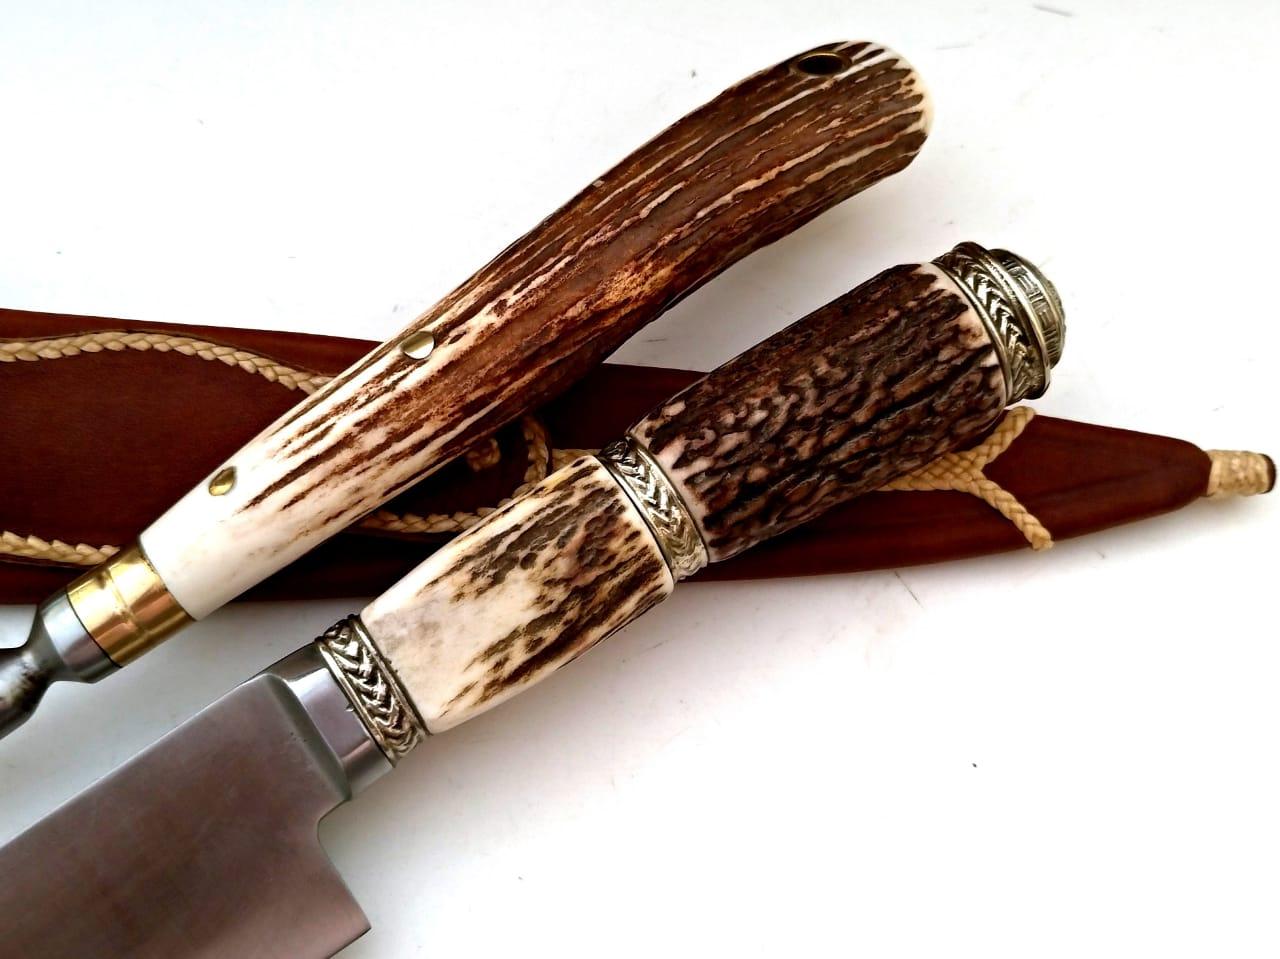 Kit churrasco artesanal faca e garfo trinchante axis 08 polegadas